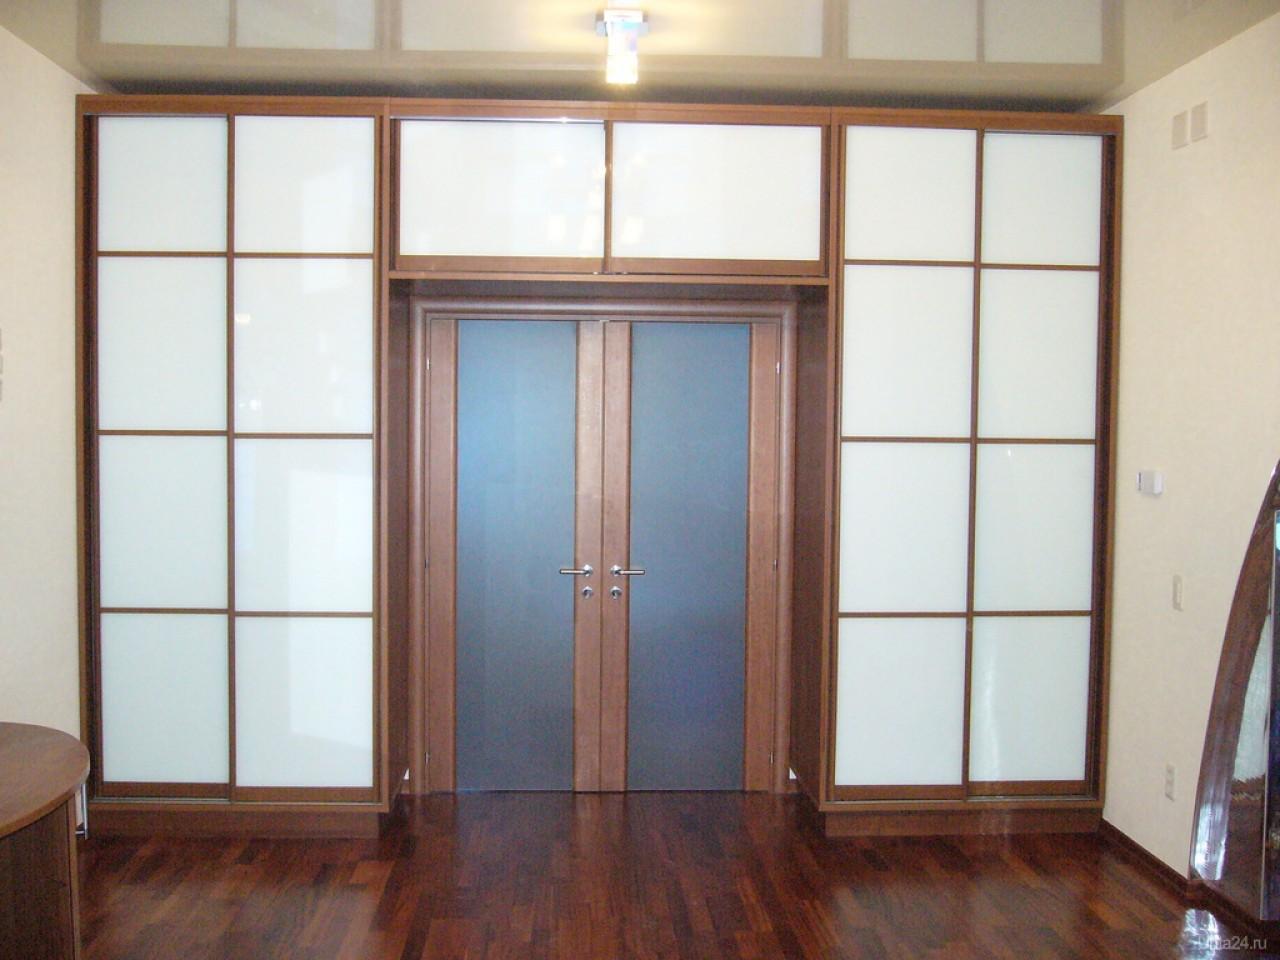 Шкаф-купе вокруг дверного проема: выбор дизайна в 75 фото.